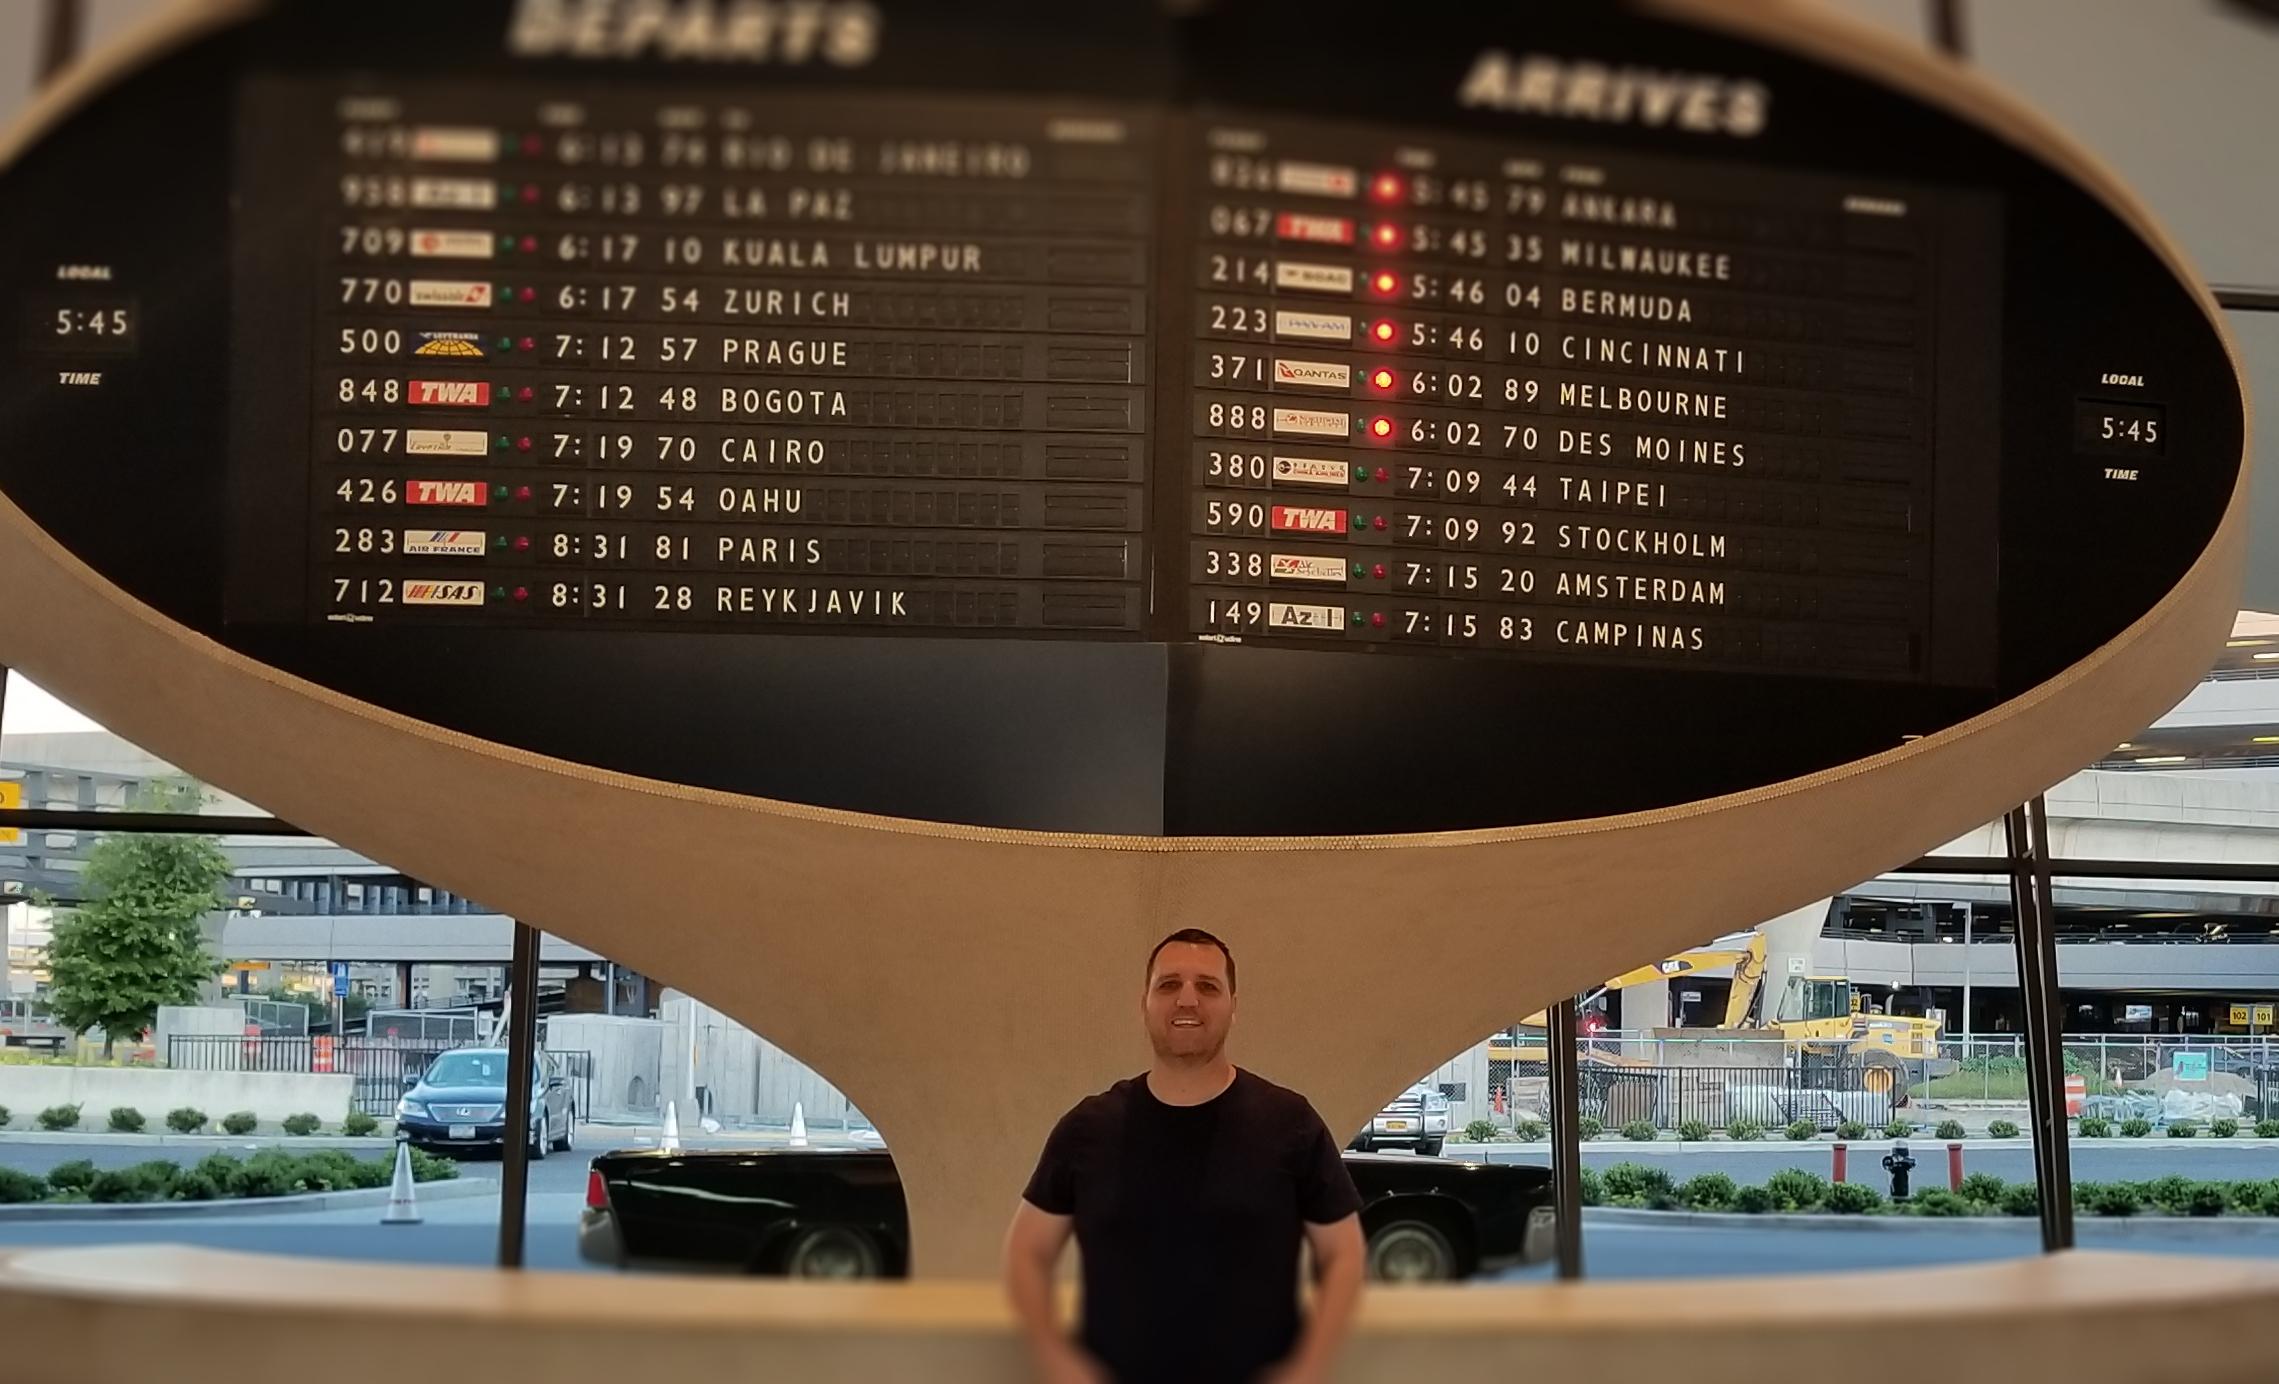 departs-arrives